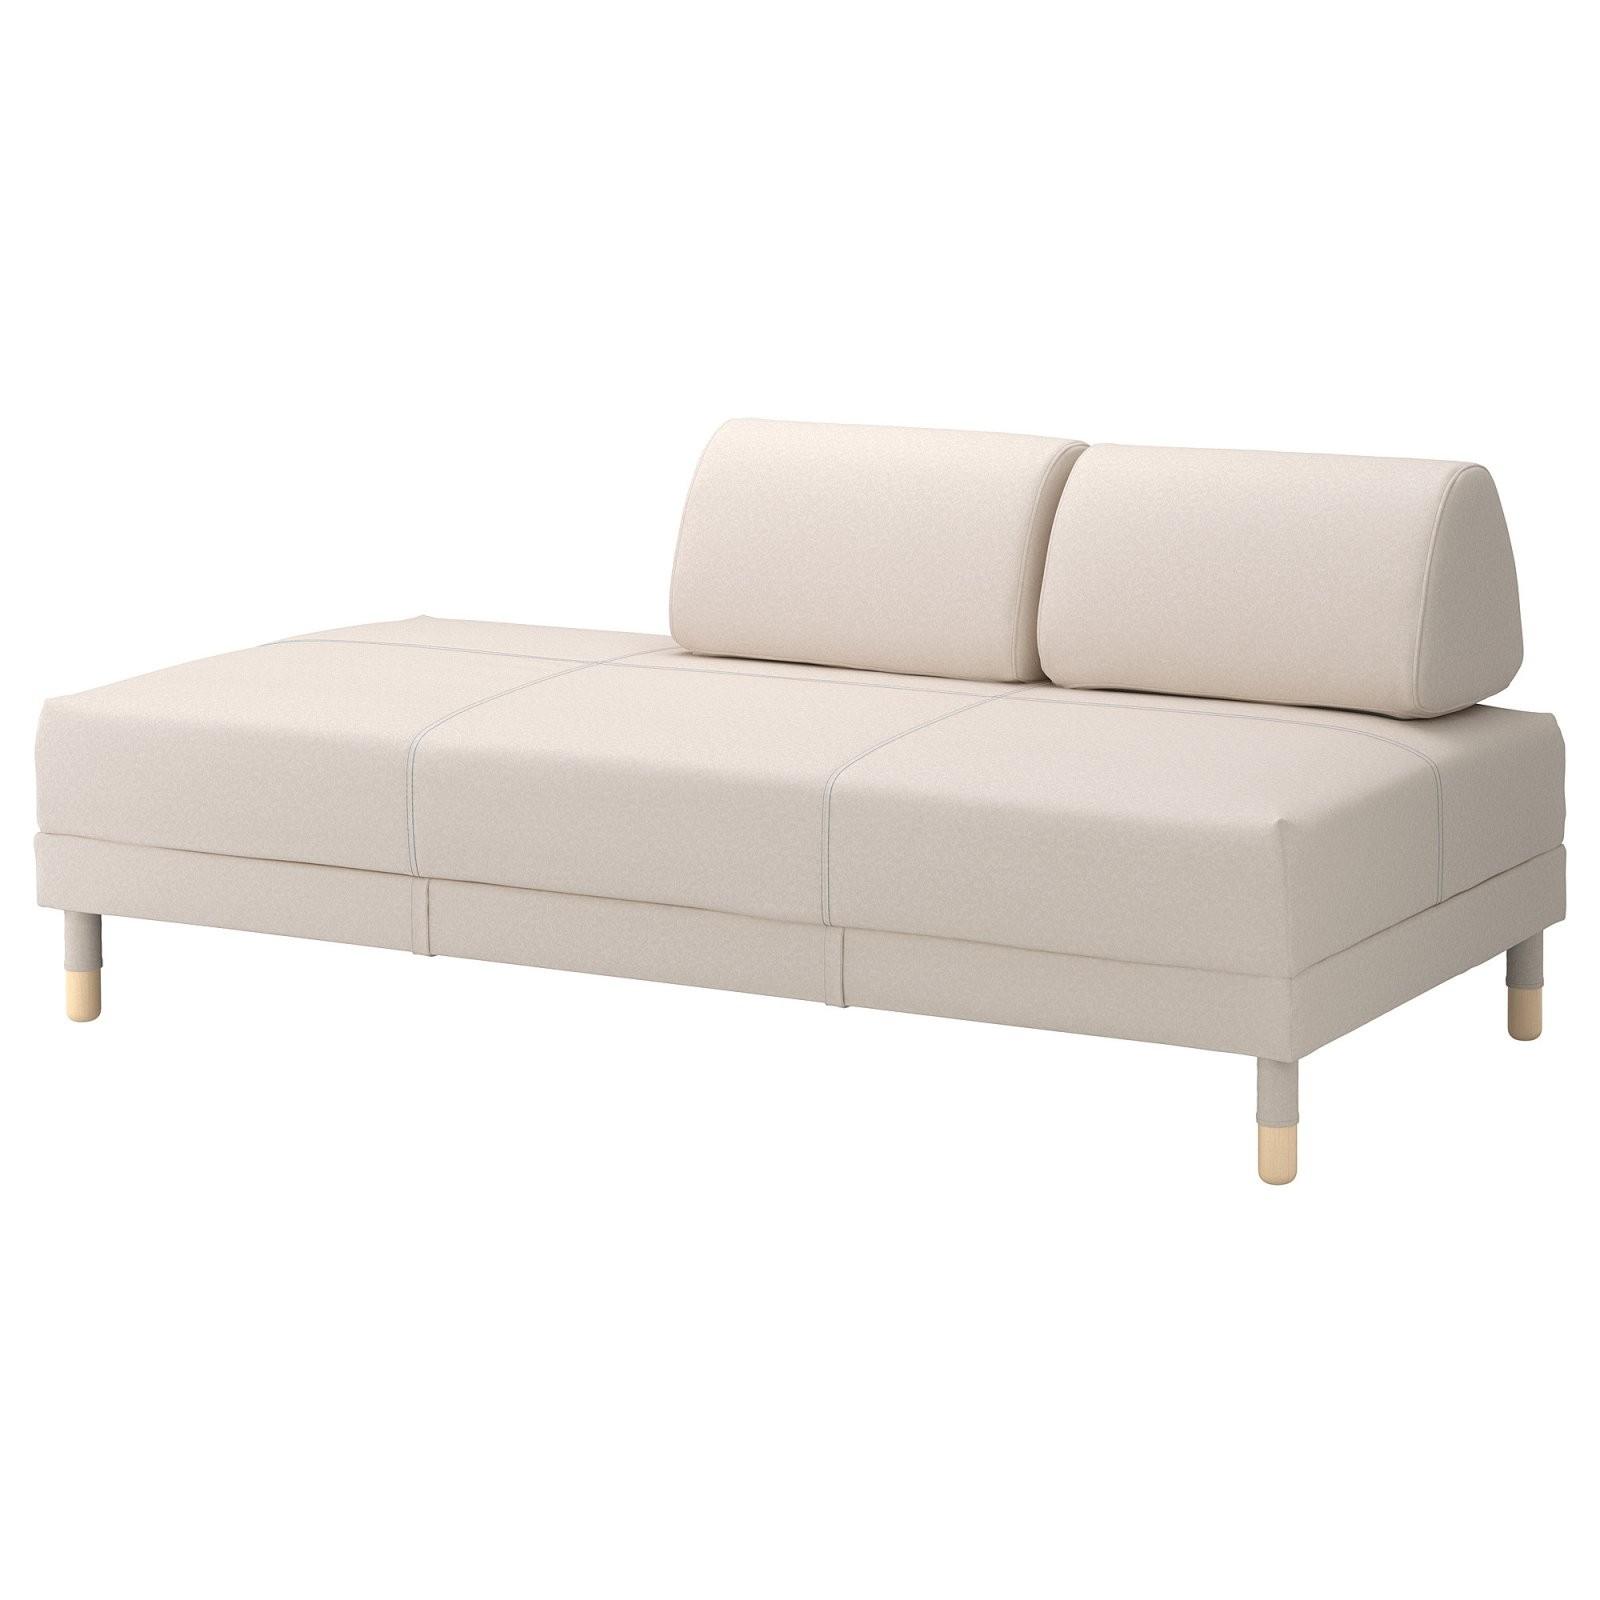 Schlafsofas Bettsofas Günstig Online Kaufen Ikea Avec Kleines Sofa von Kleine Couch Für Jugendzimmer Photo